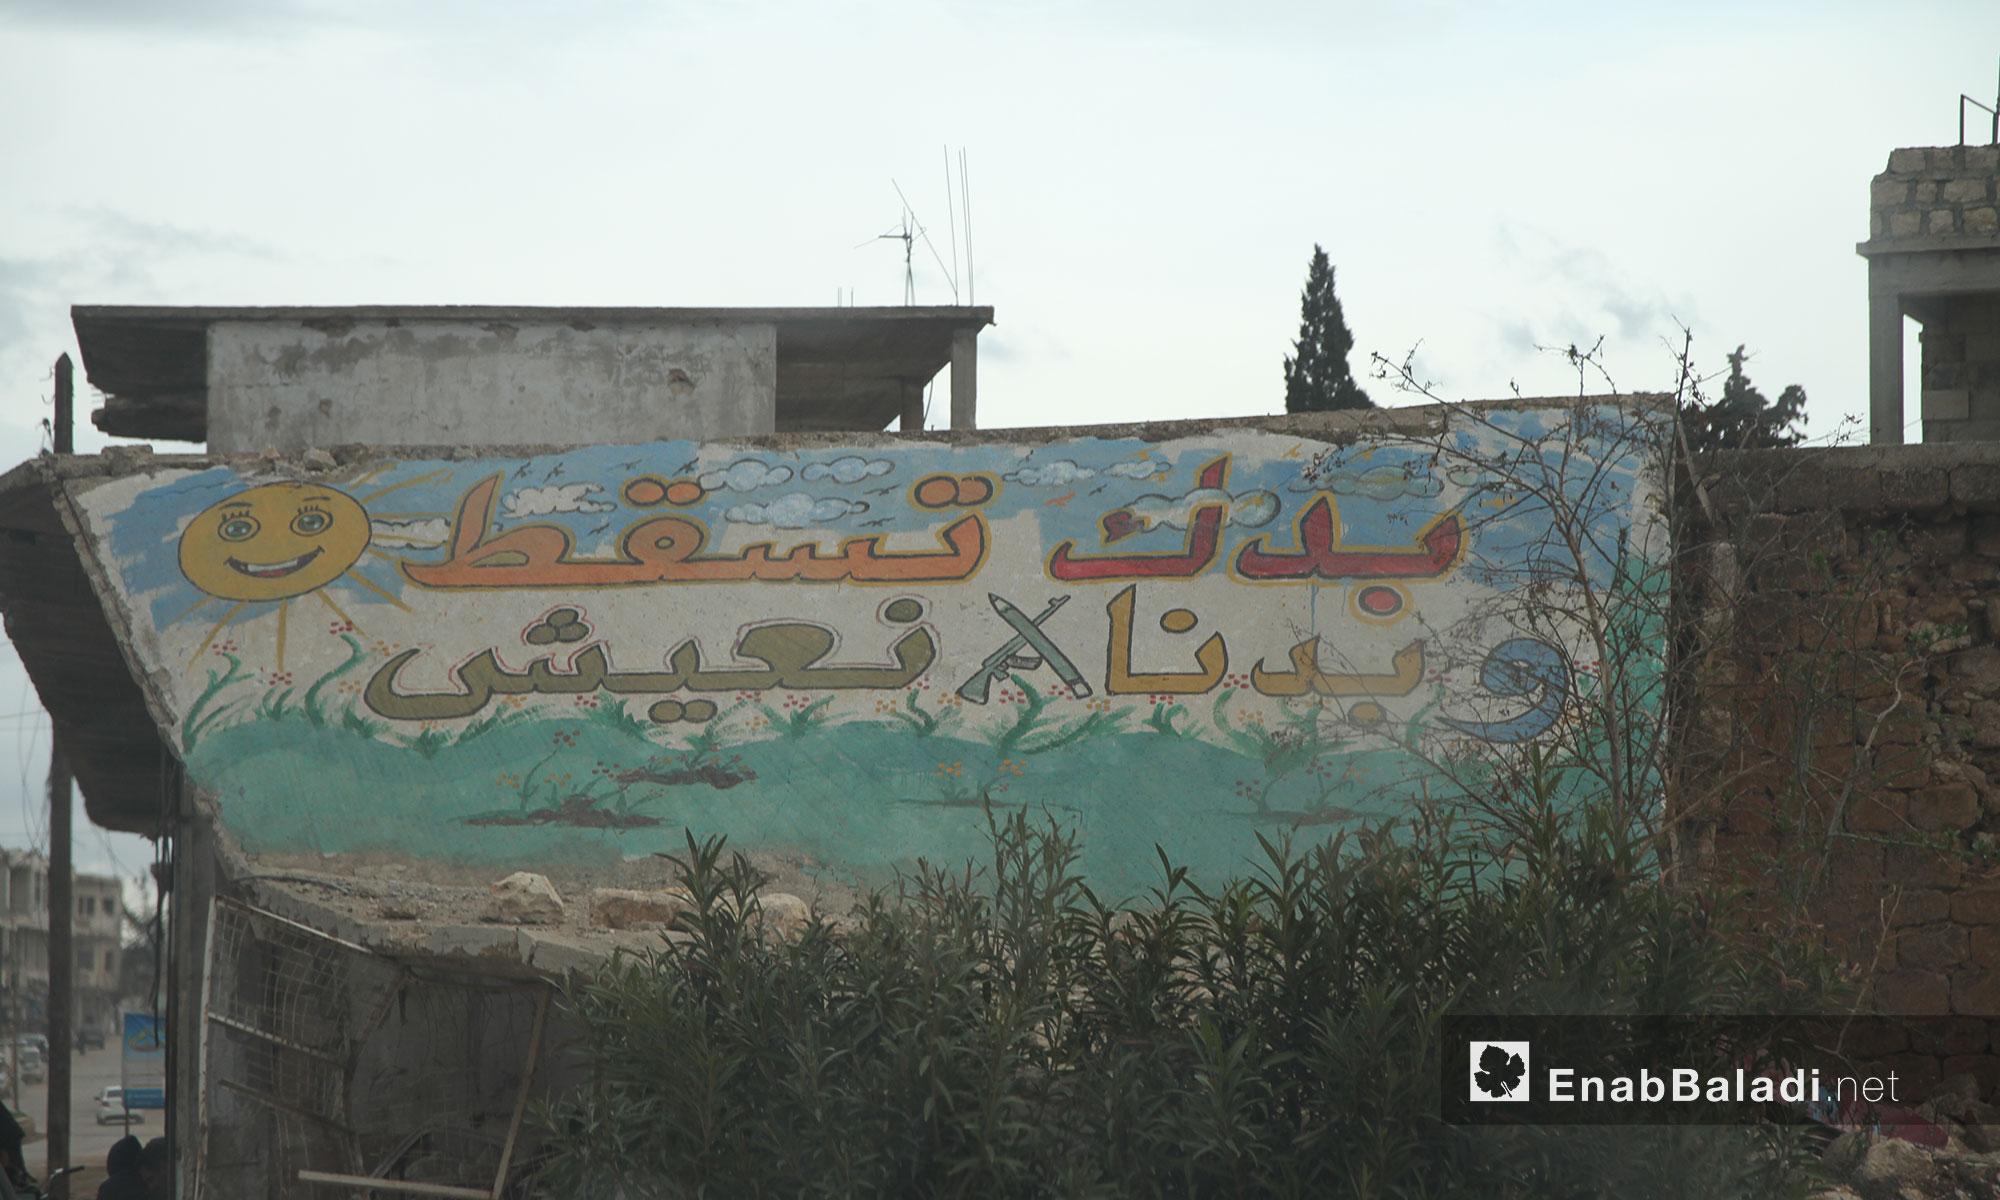 رسوم على أحد الجدران المهدمة في مدينة بنش - إدلب - 11 آذار 2017 (عنب بلدي)